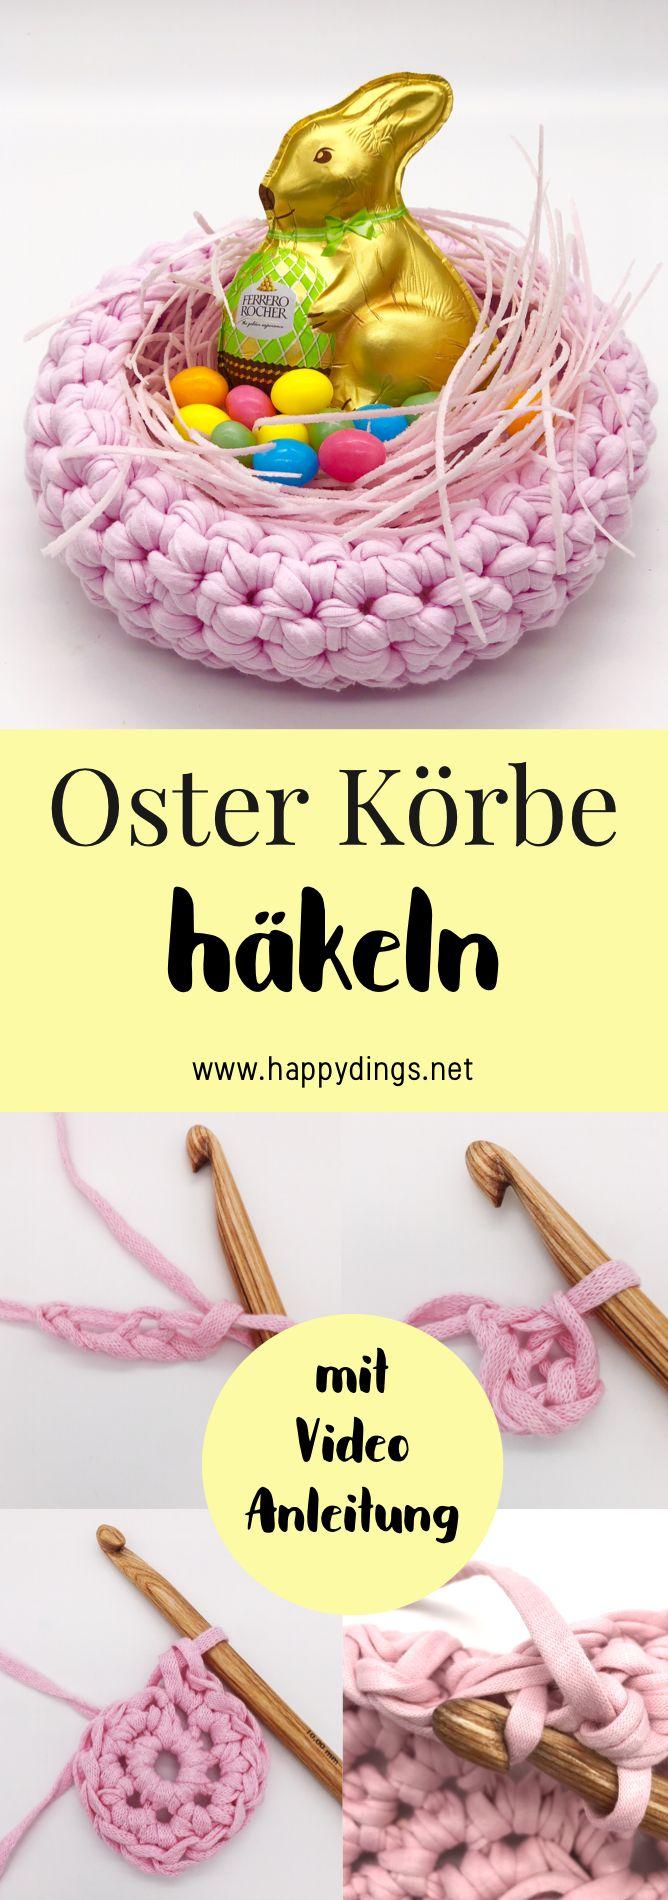 Mejores 186 imágenes de Häkeln, Stricken, Nähen en Pinterest ...